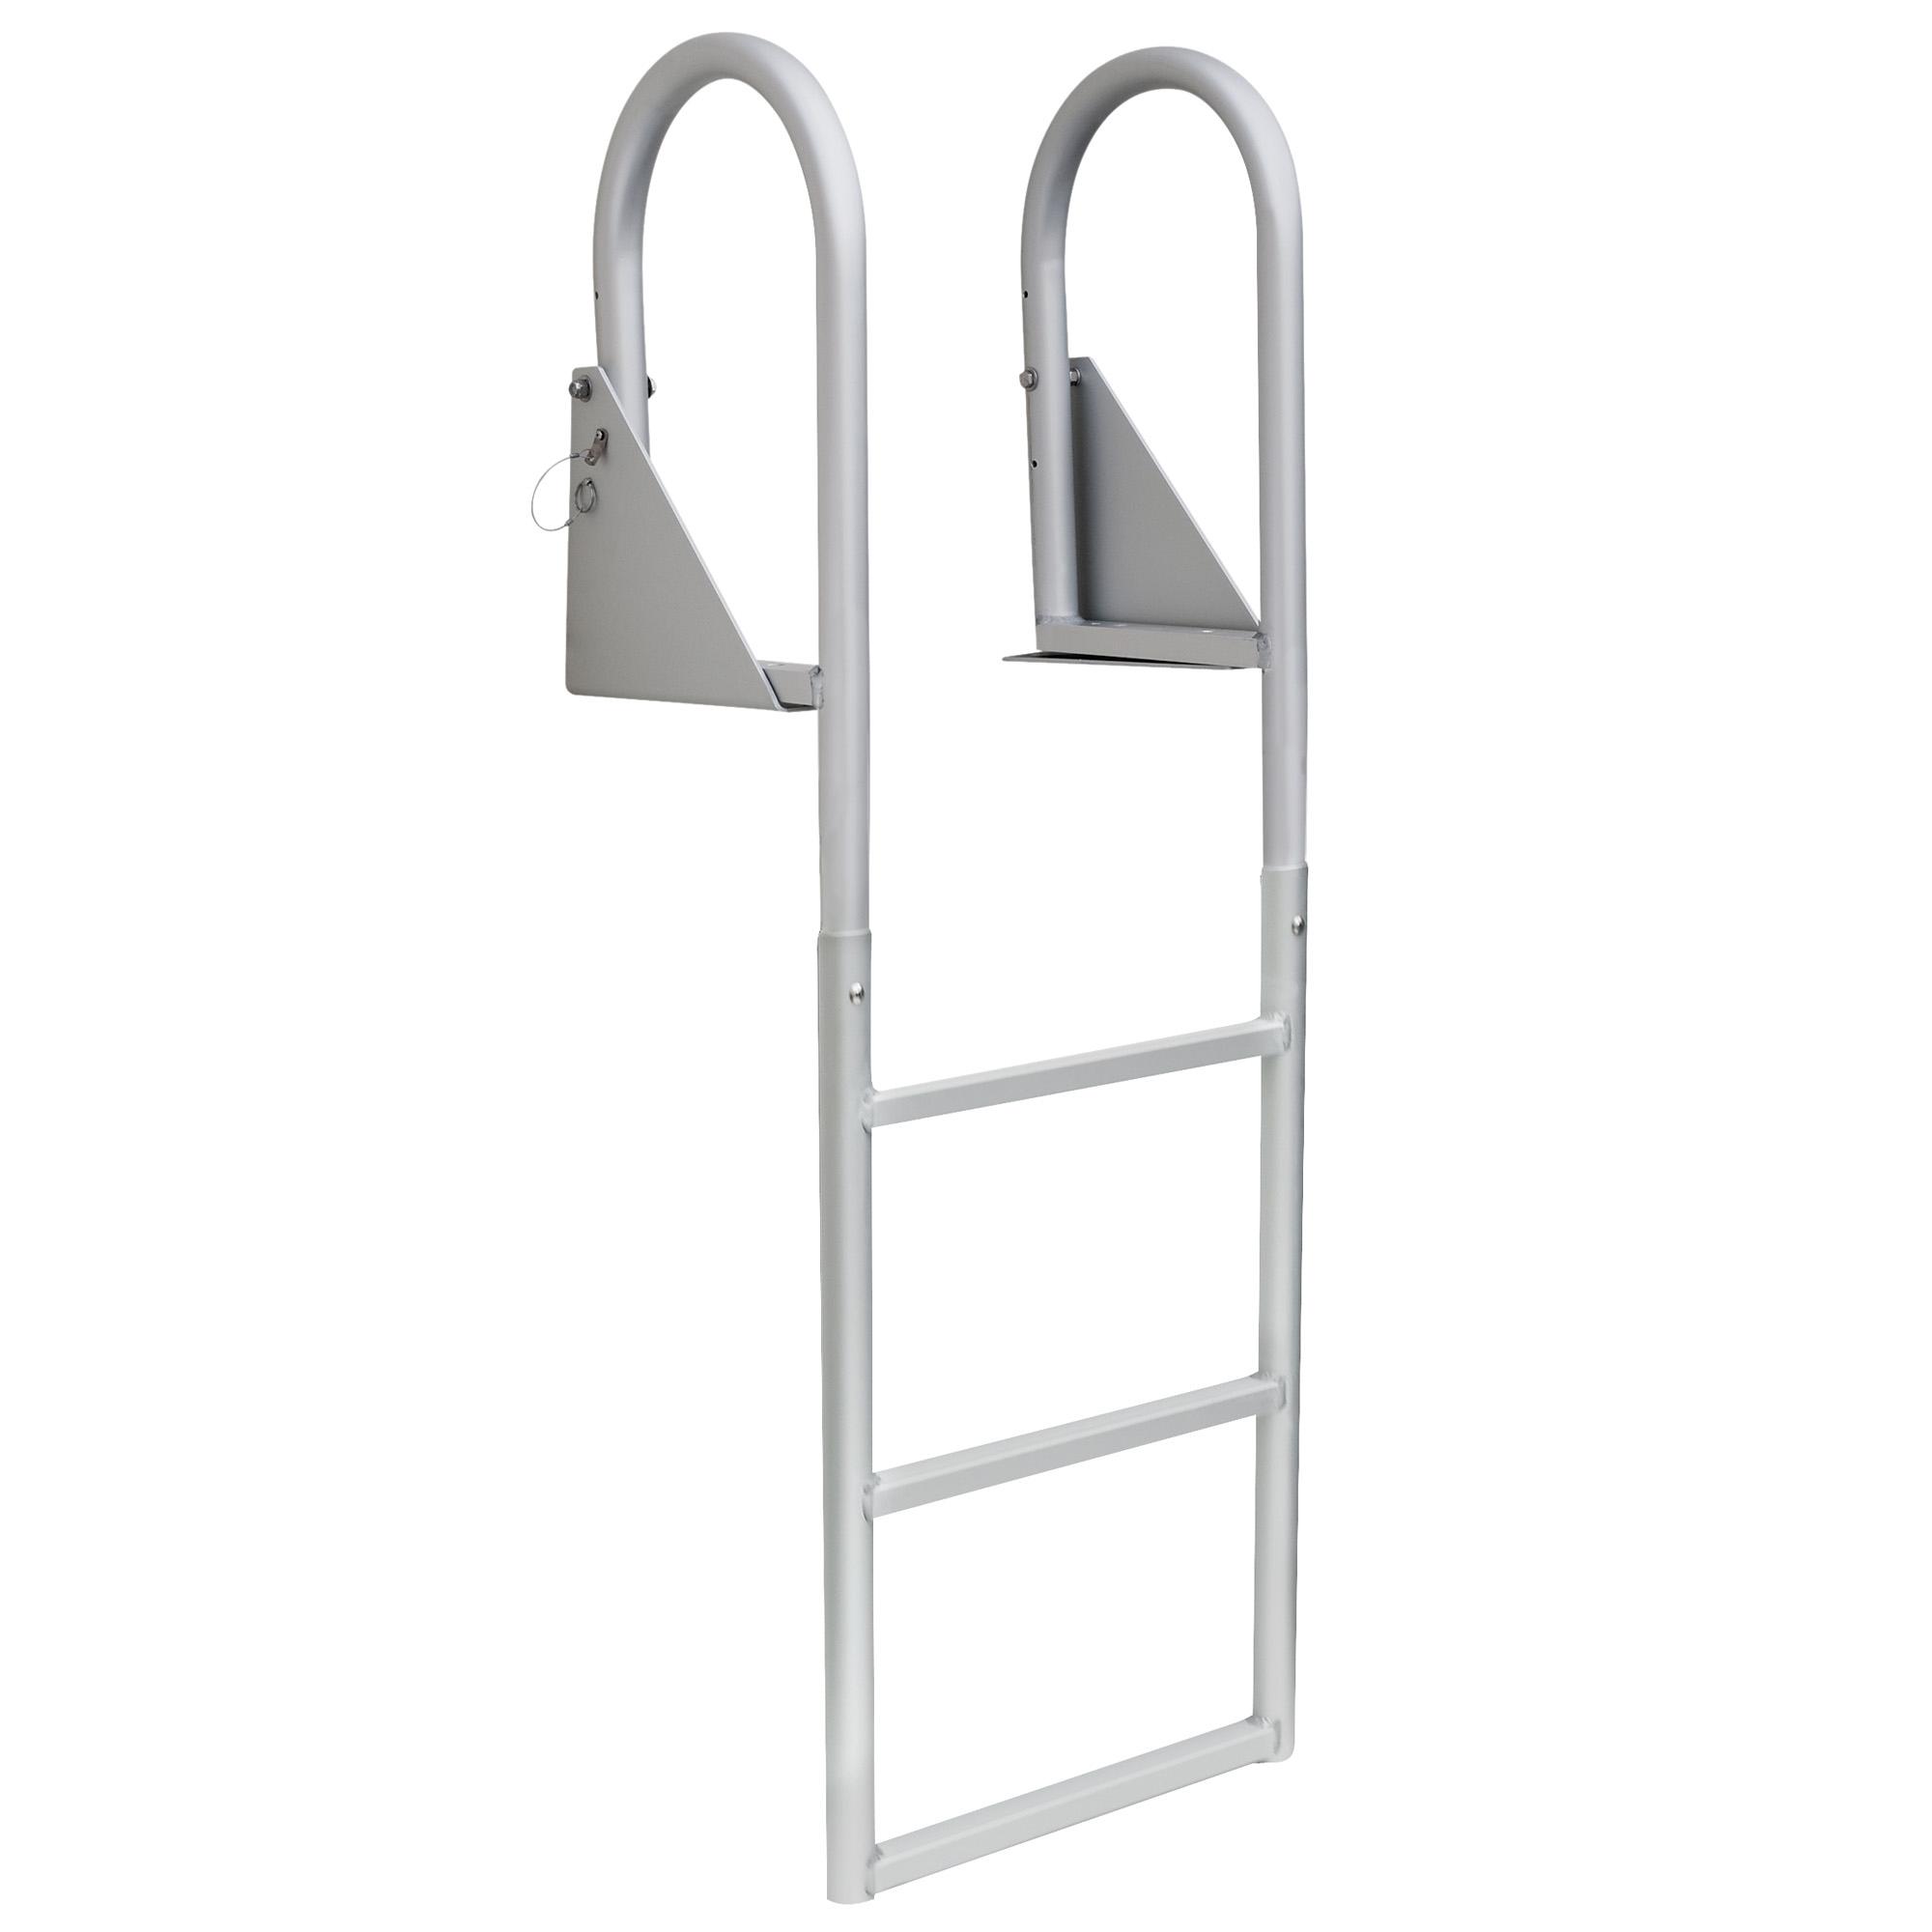 Dockmate Standard Step Flip-Up Dock Ladder